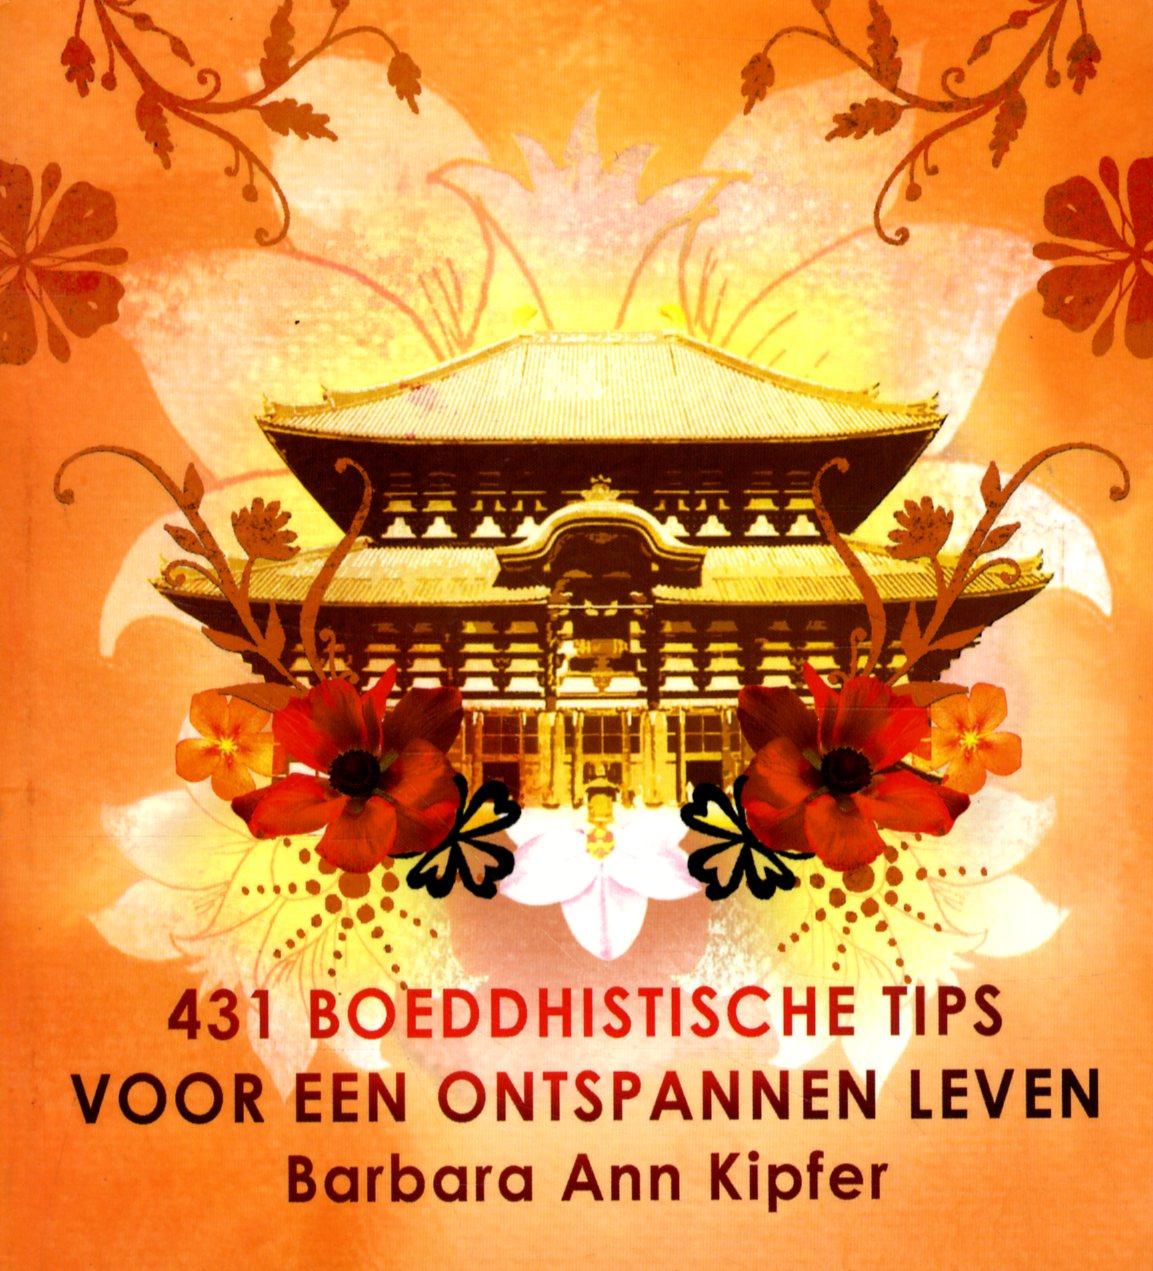 431 boeddh.tips onstpannen leven